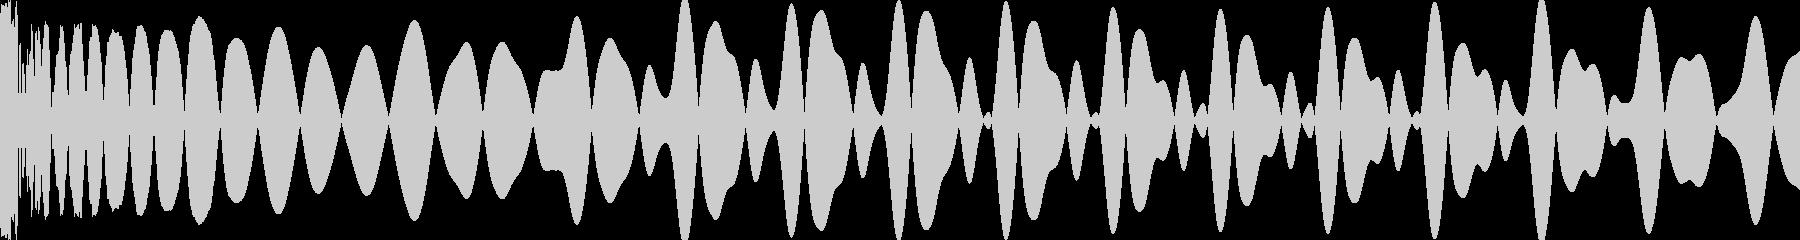 キー入り【E】ダンスミュージック用キックの未再生の波形